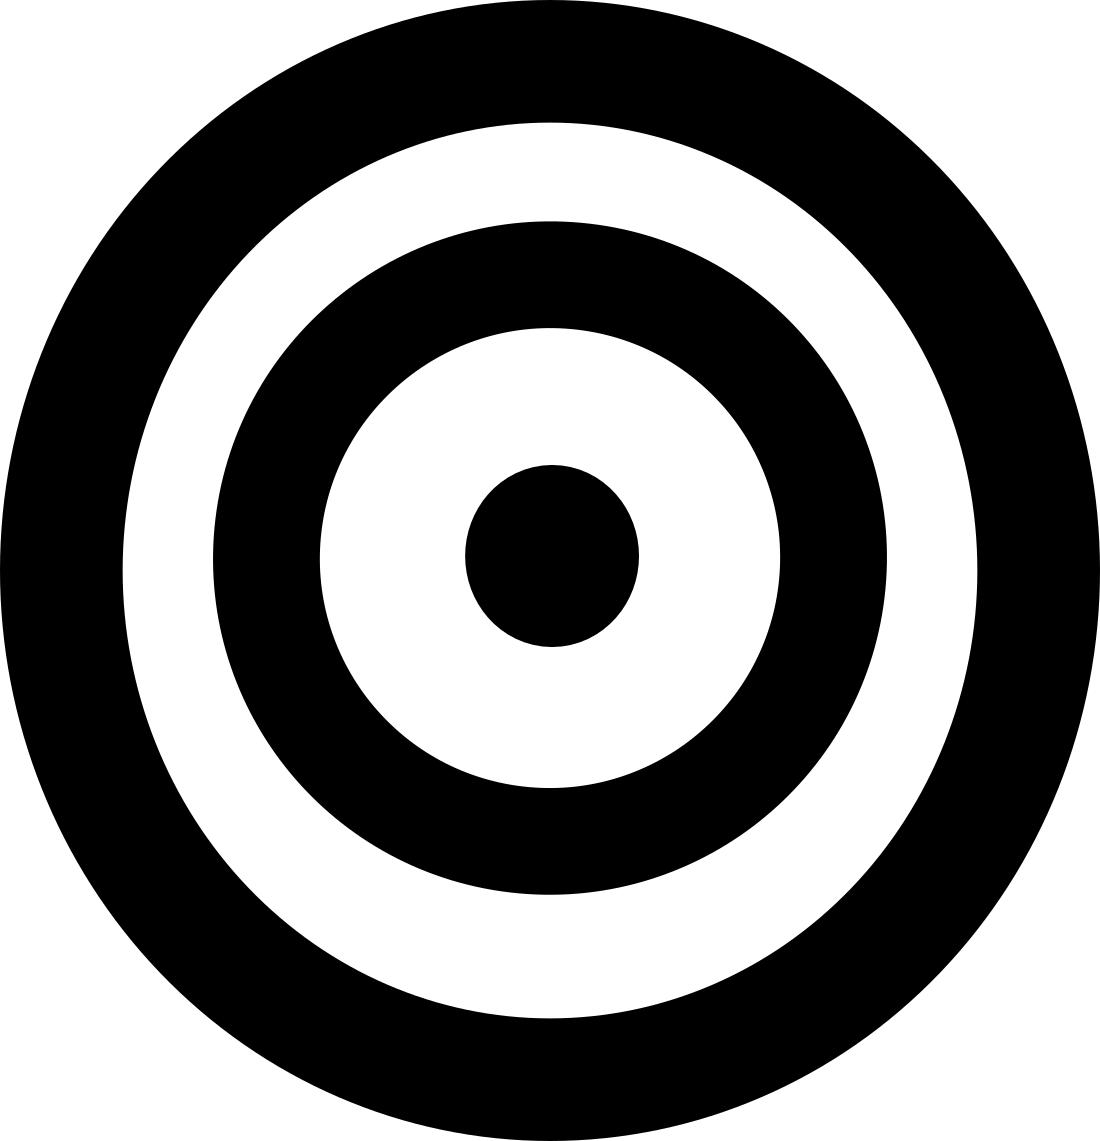 roda-giro-solidario-branco-3